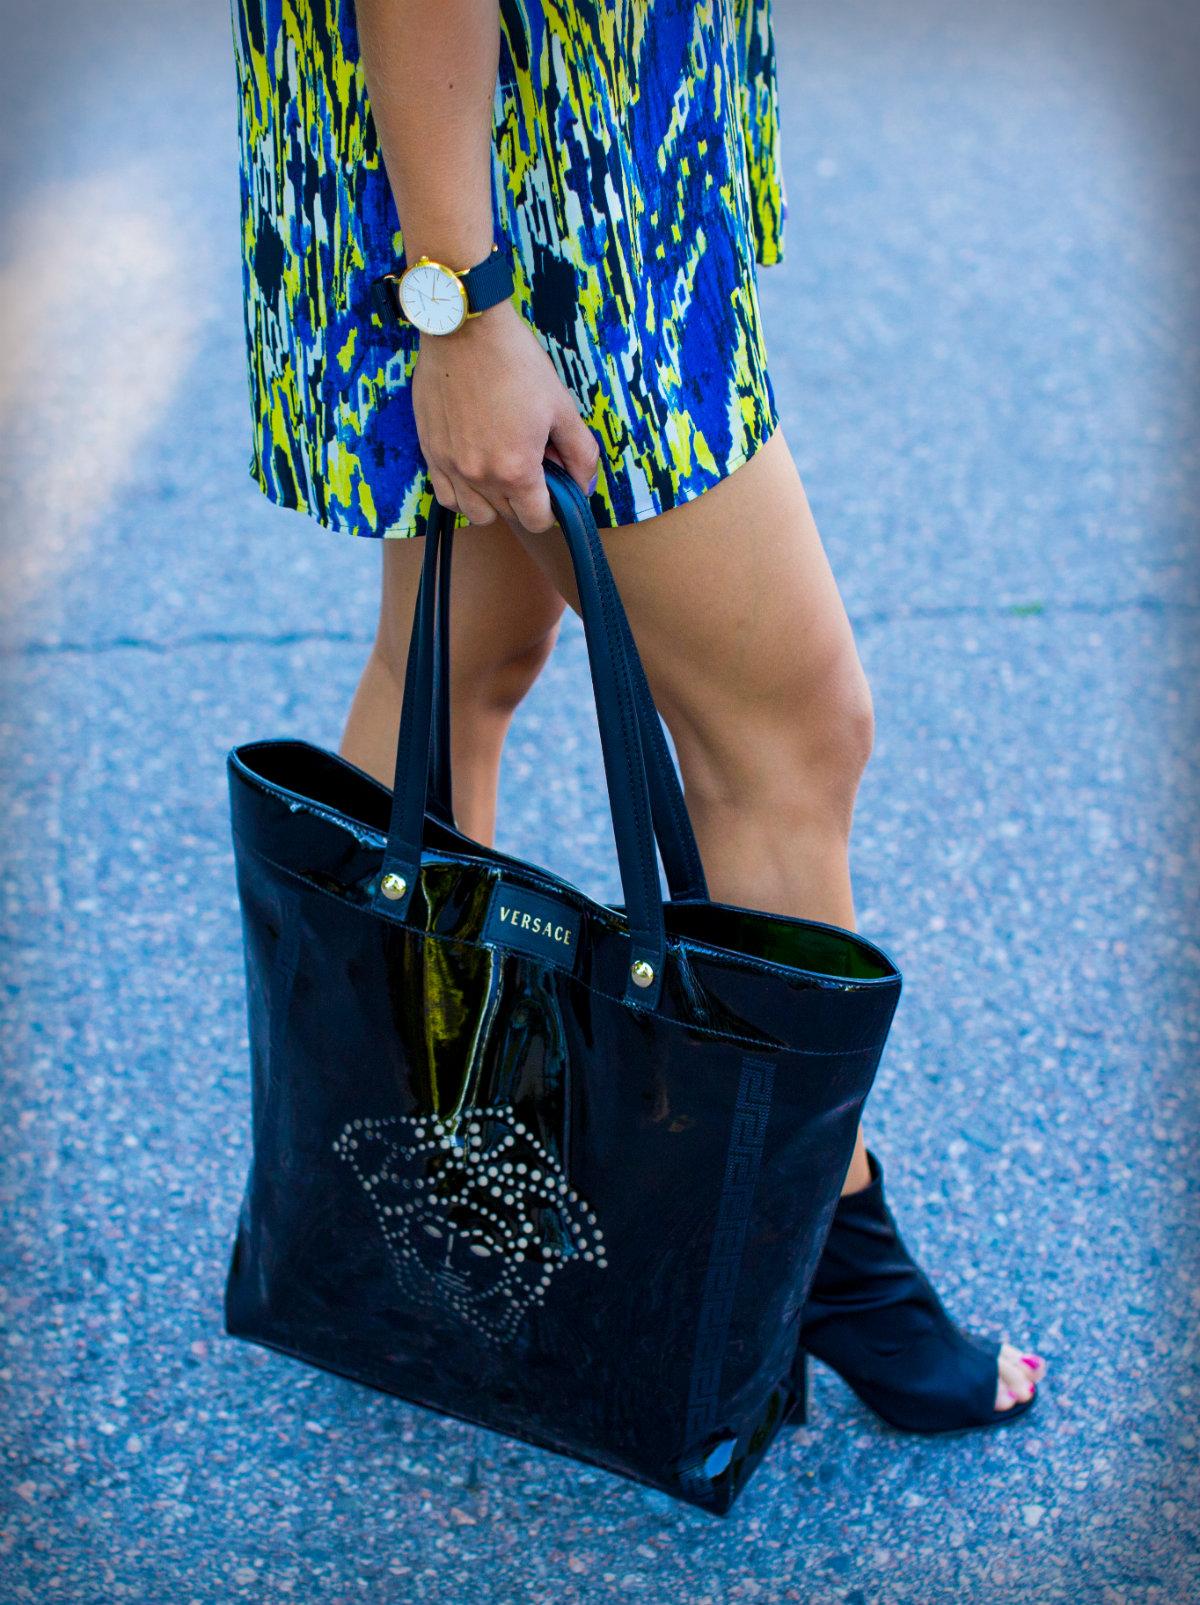 Minifitness_versace_bag